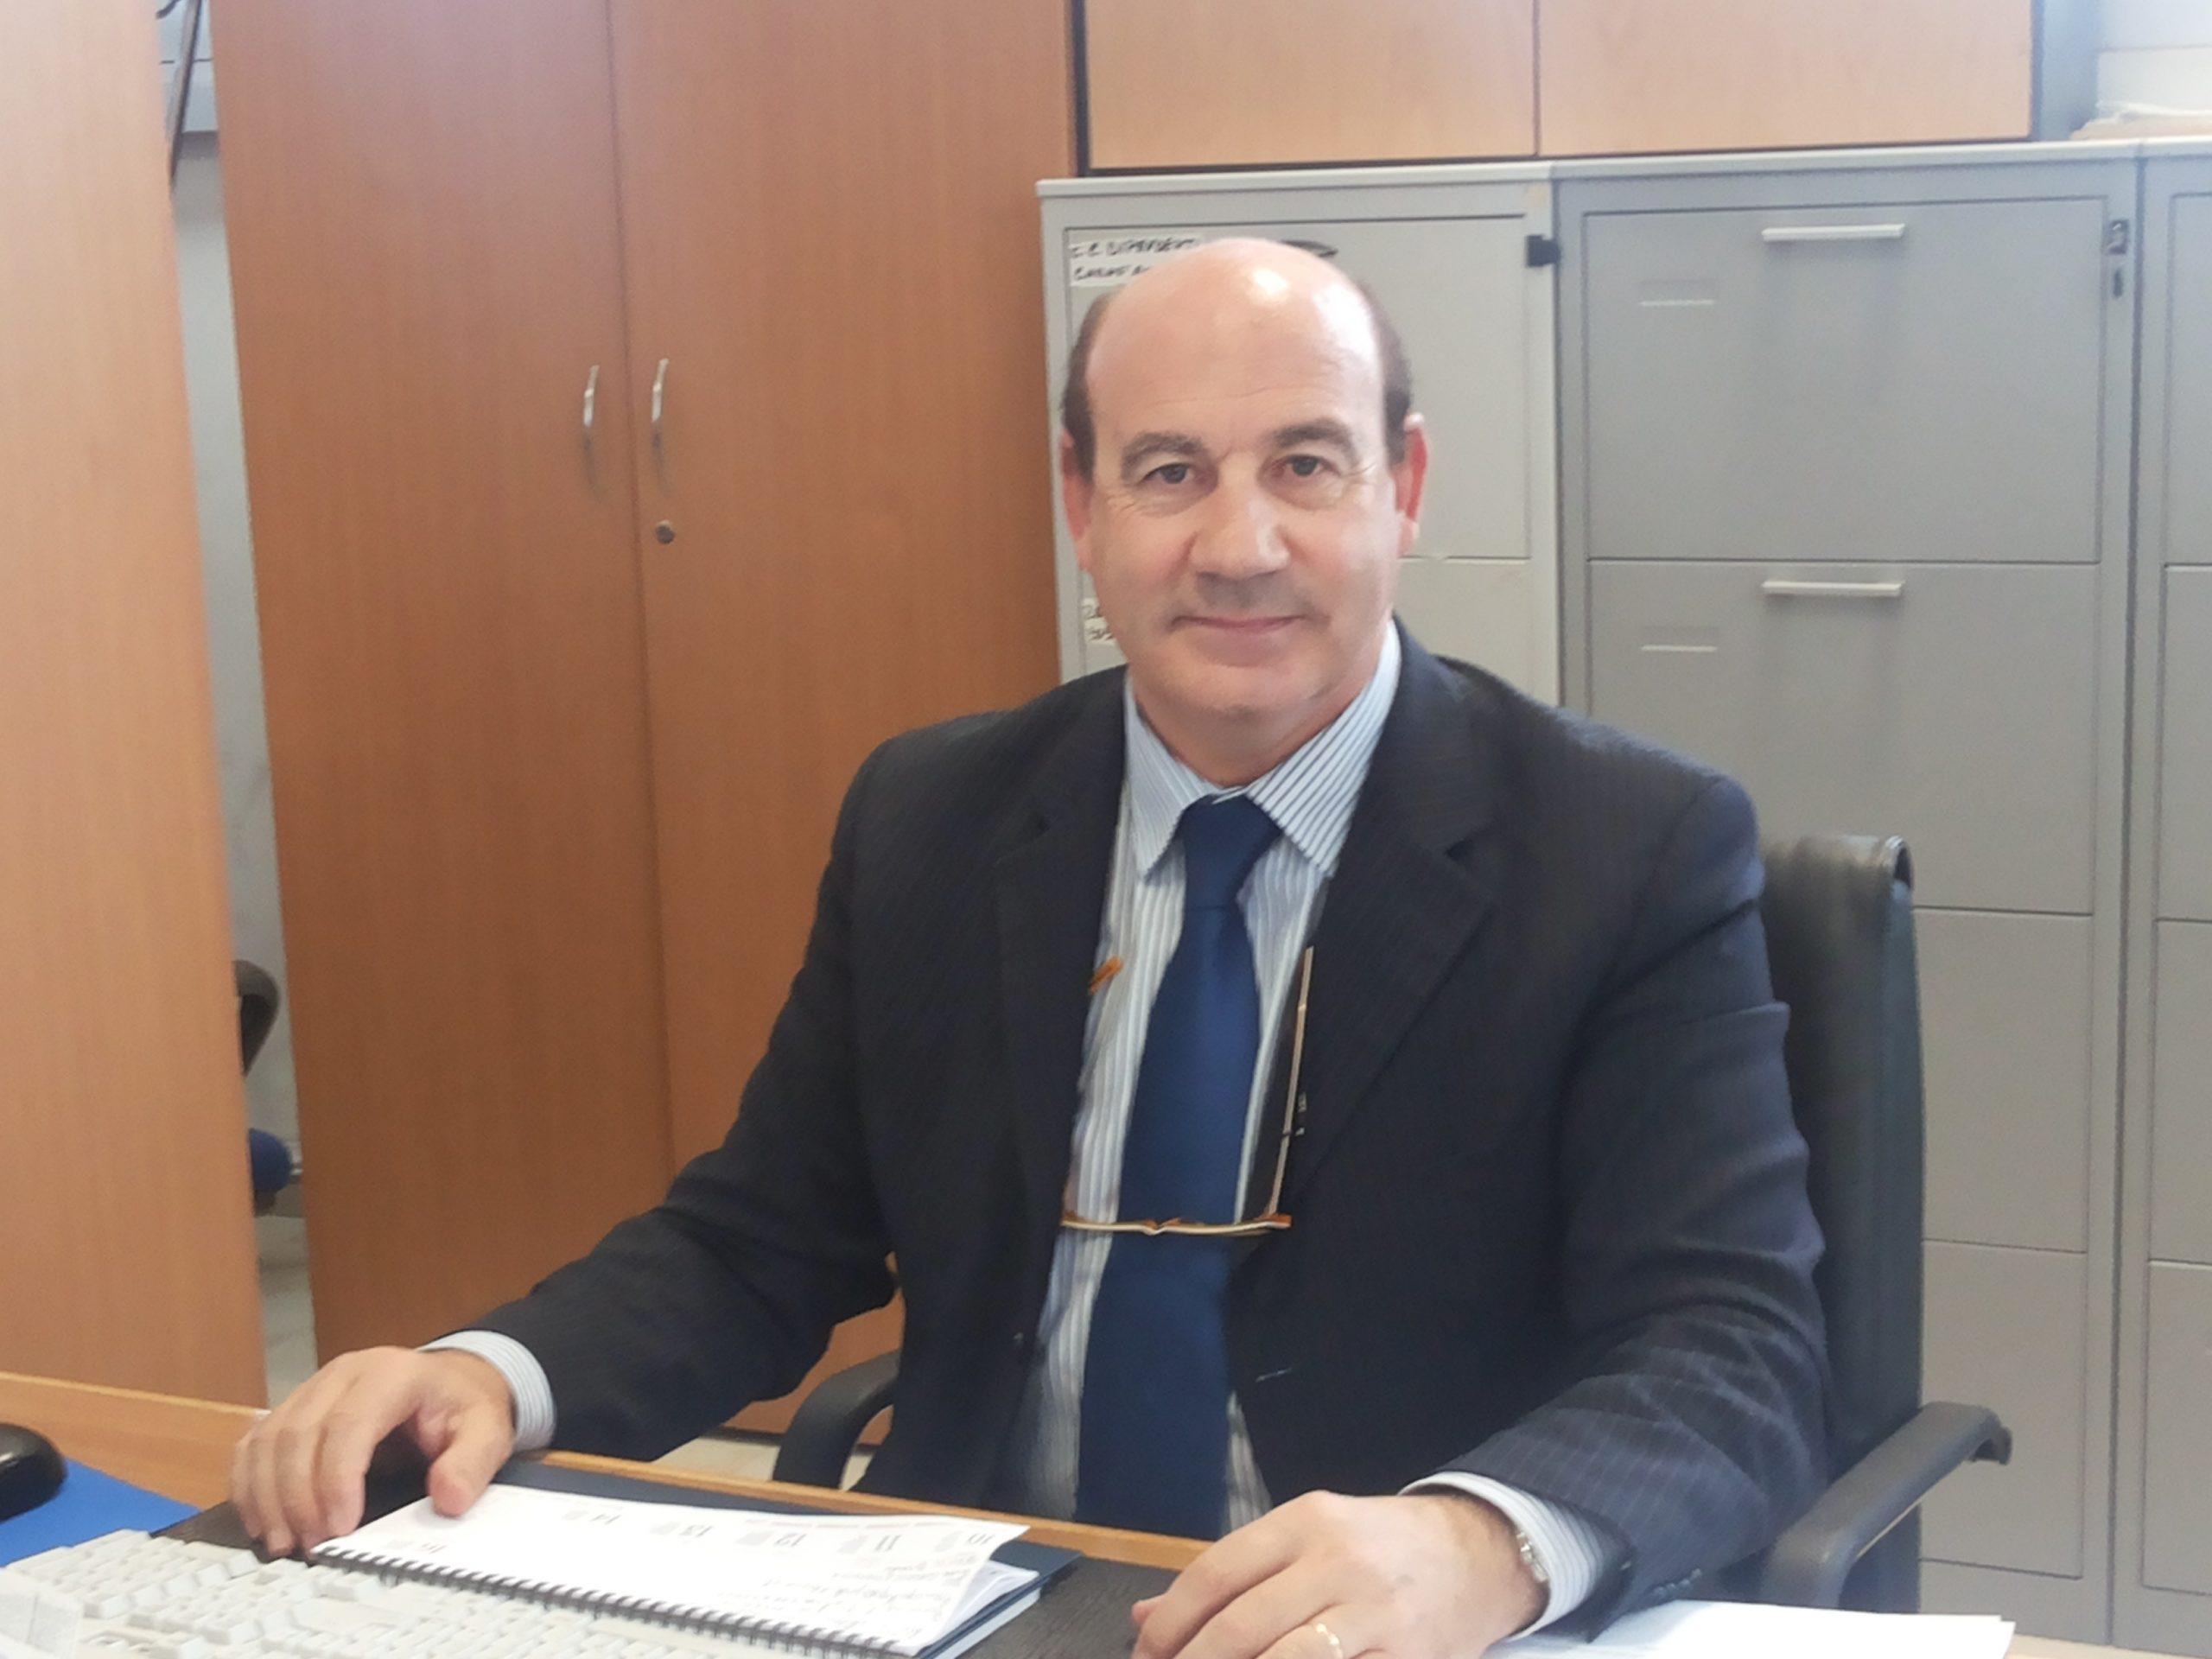 """Abruzzo Civico Avezzano: """"Bene i prati collettivi, ma la primavera confonde l'ex Assessore"""""""